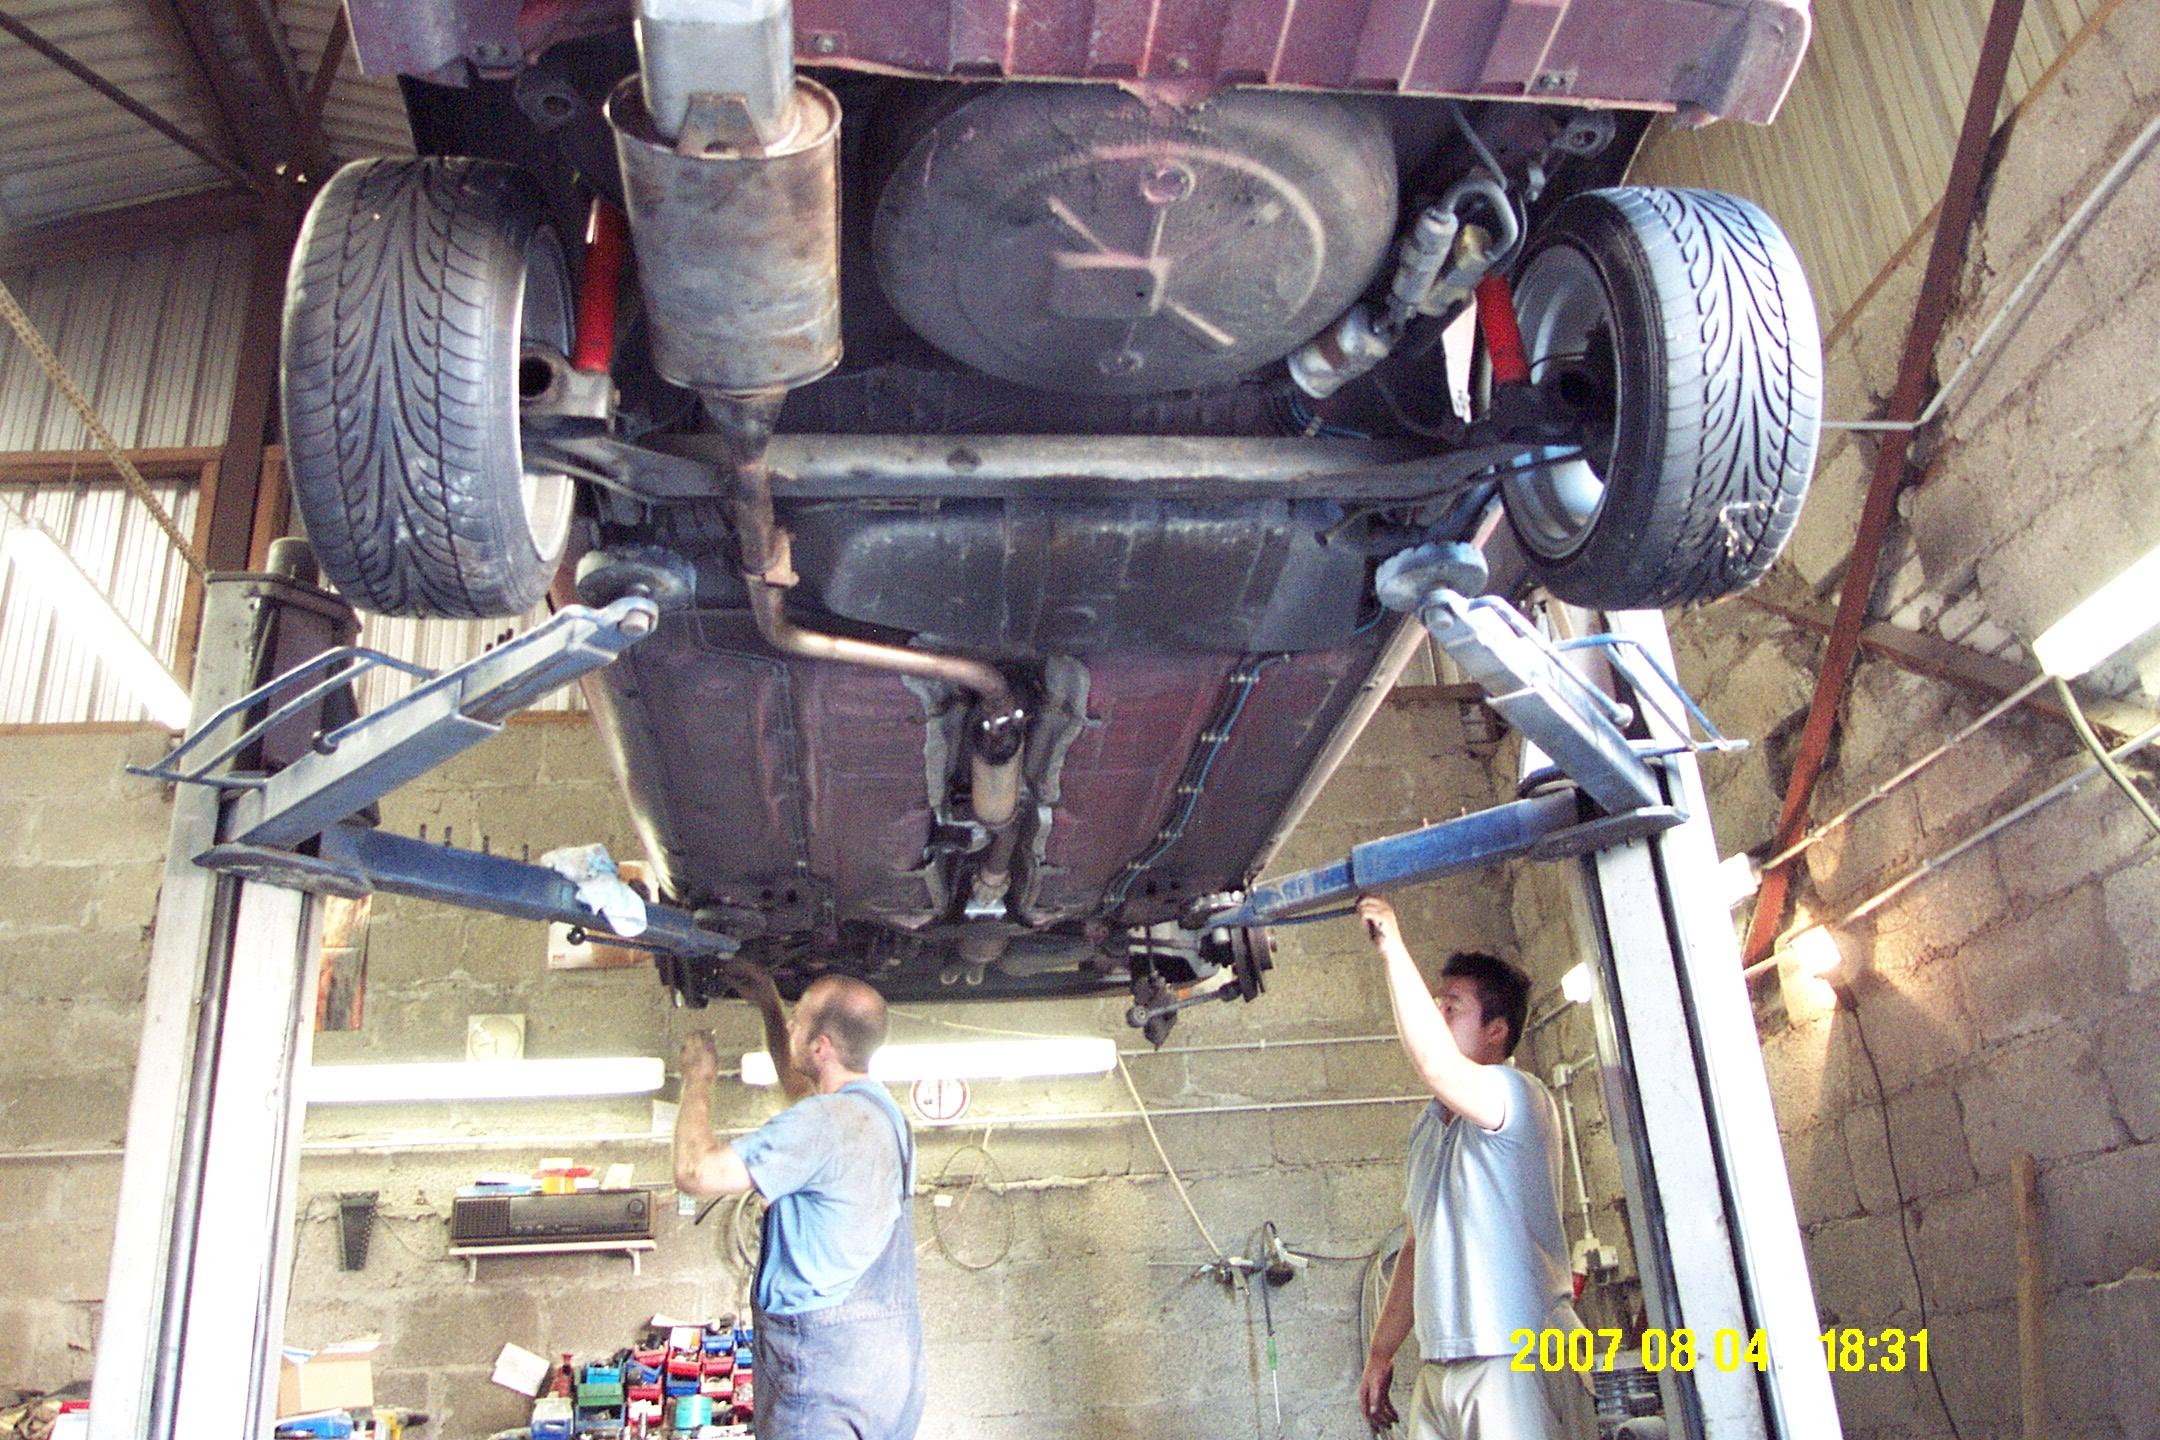 2007-08-04 - polo - der umbau - DCP_0022